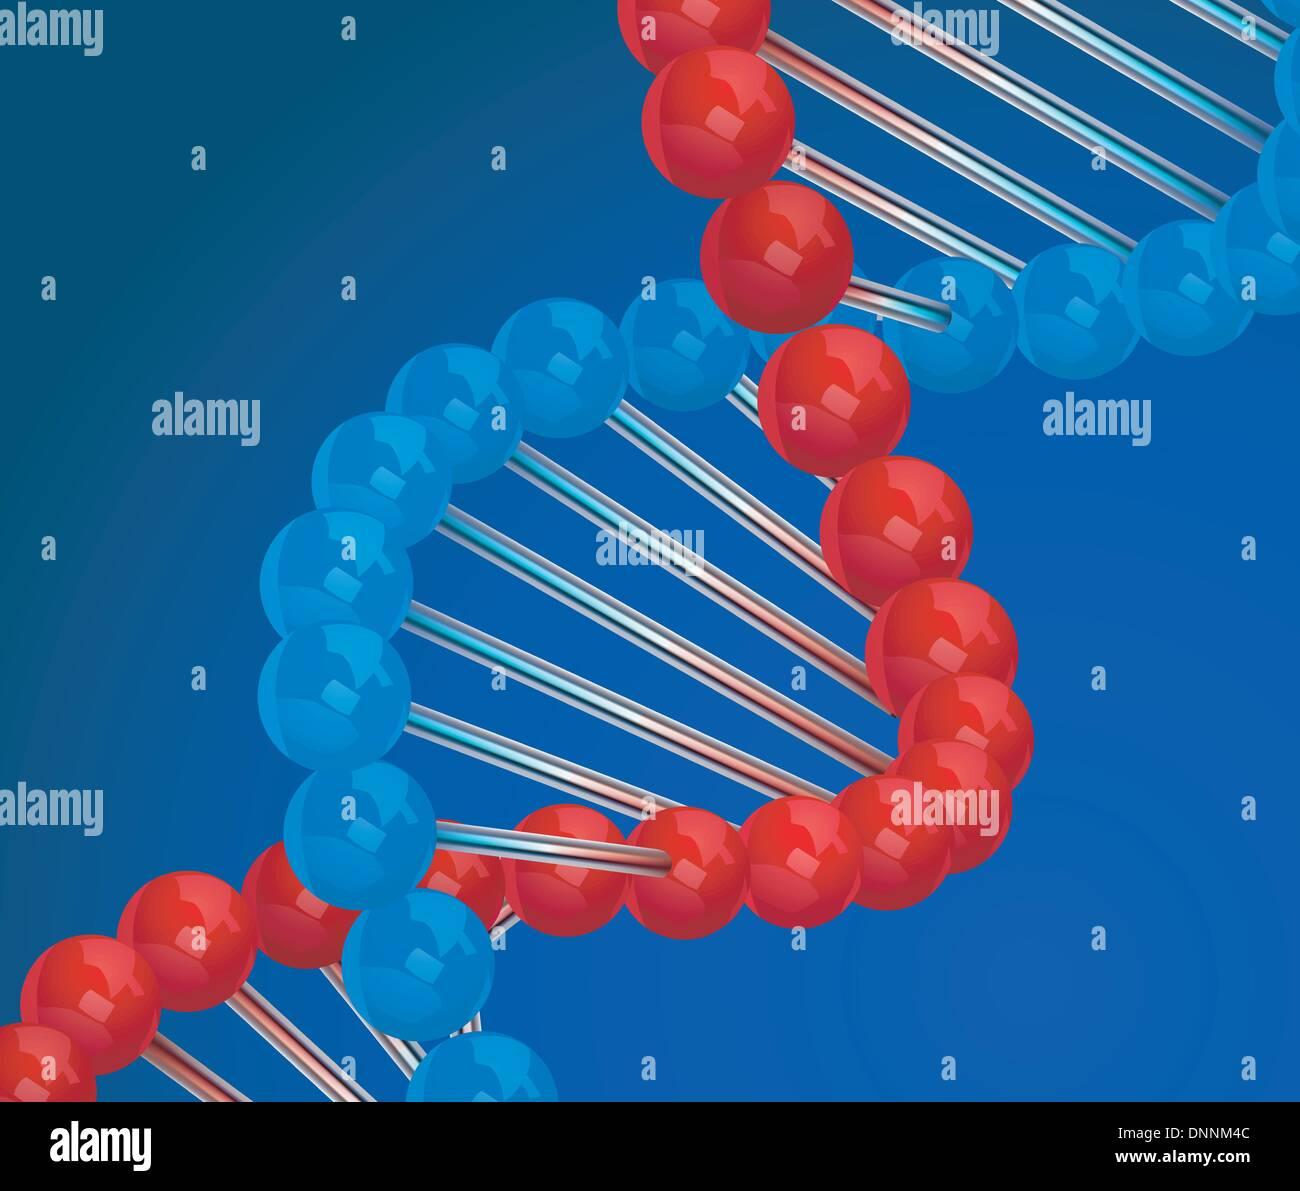 El ADN vector 3D ilustración sobre fondo azul. Imagen De Stock